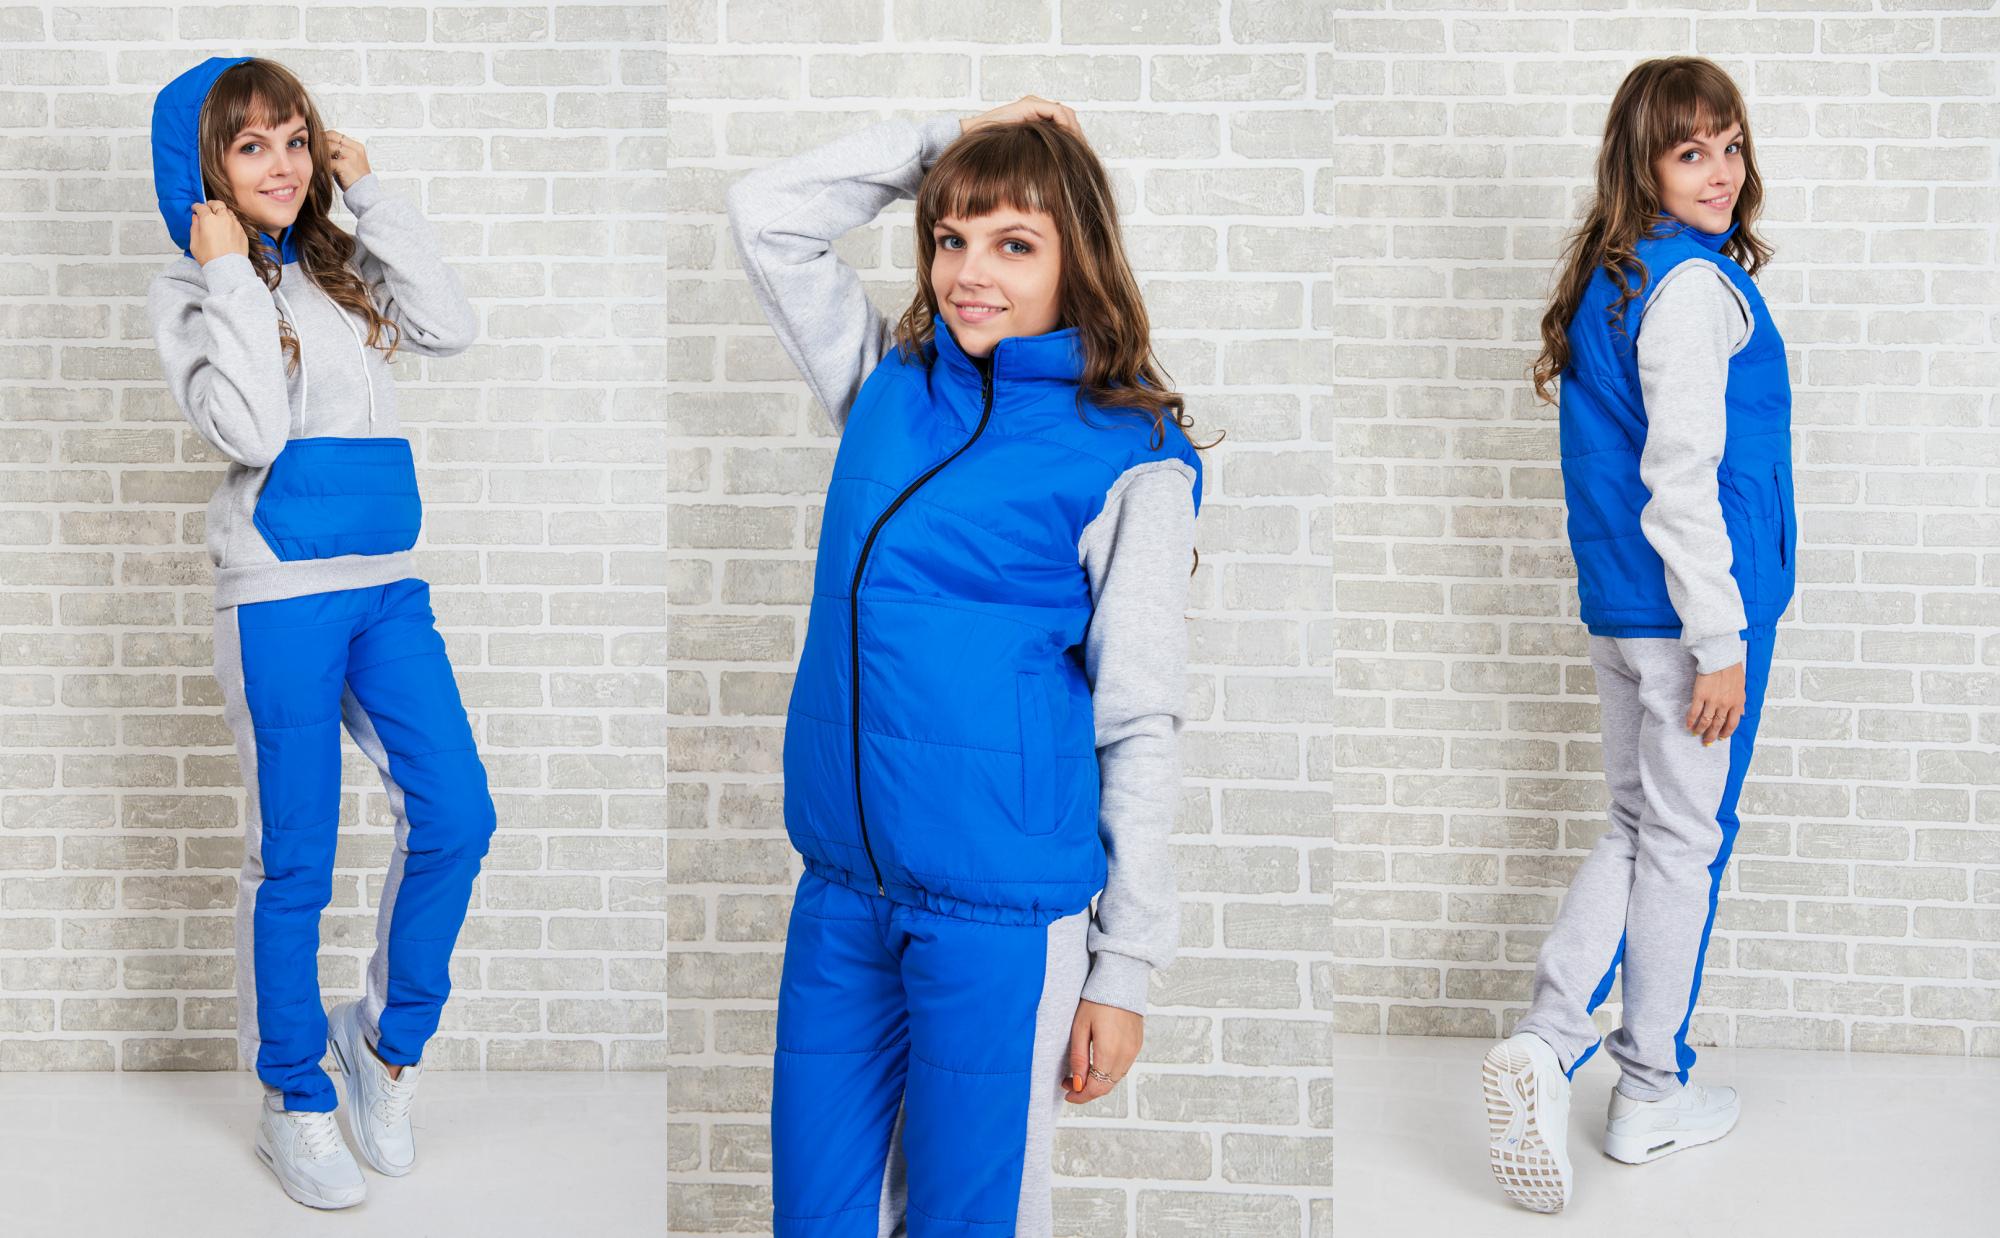 Спортивные костюмы для мужчин и женщин. От 42 до 60 размера. Ветровки, куртки, жилеты, кардиганы. Появляются костюмы на флисе. Новинки каждый выкуп.